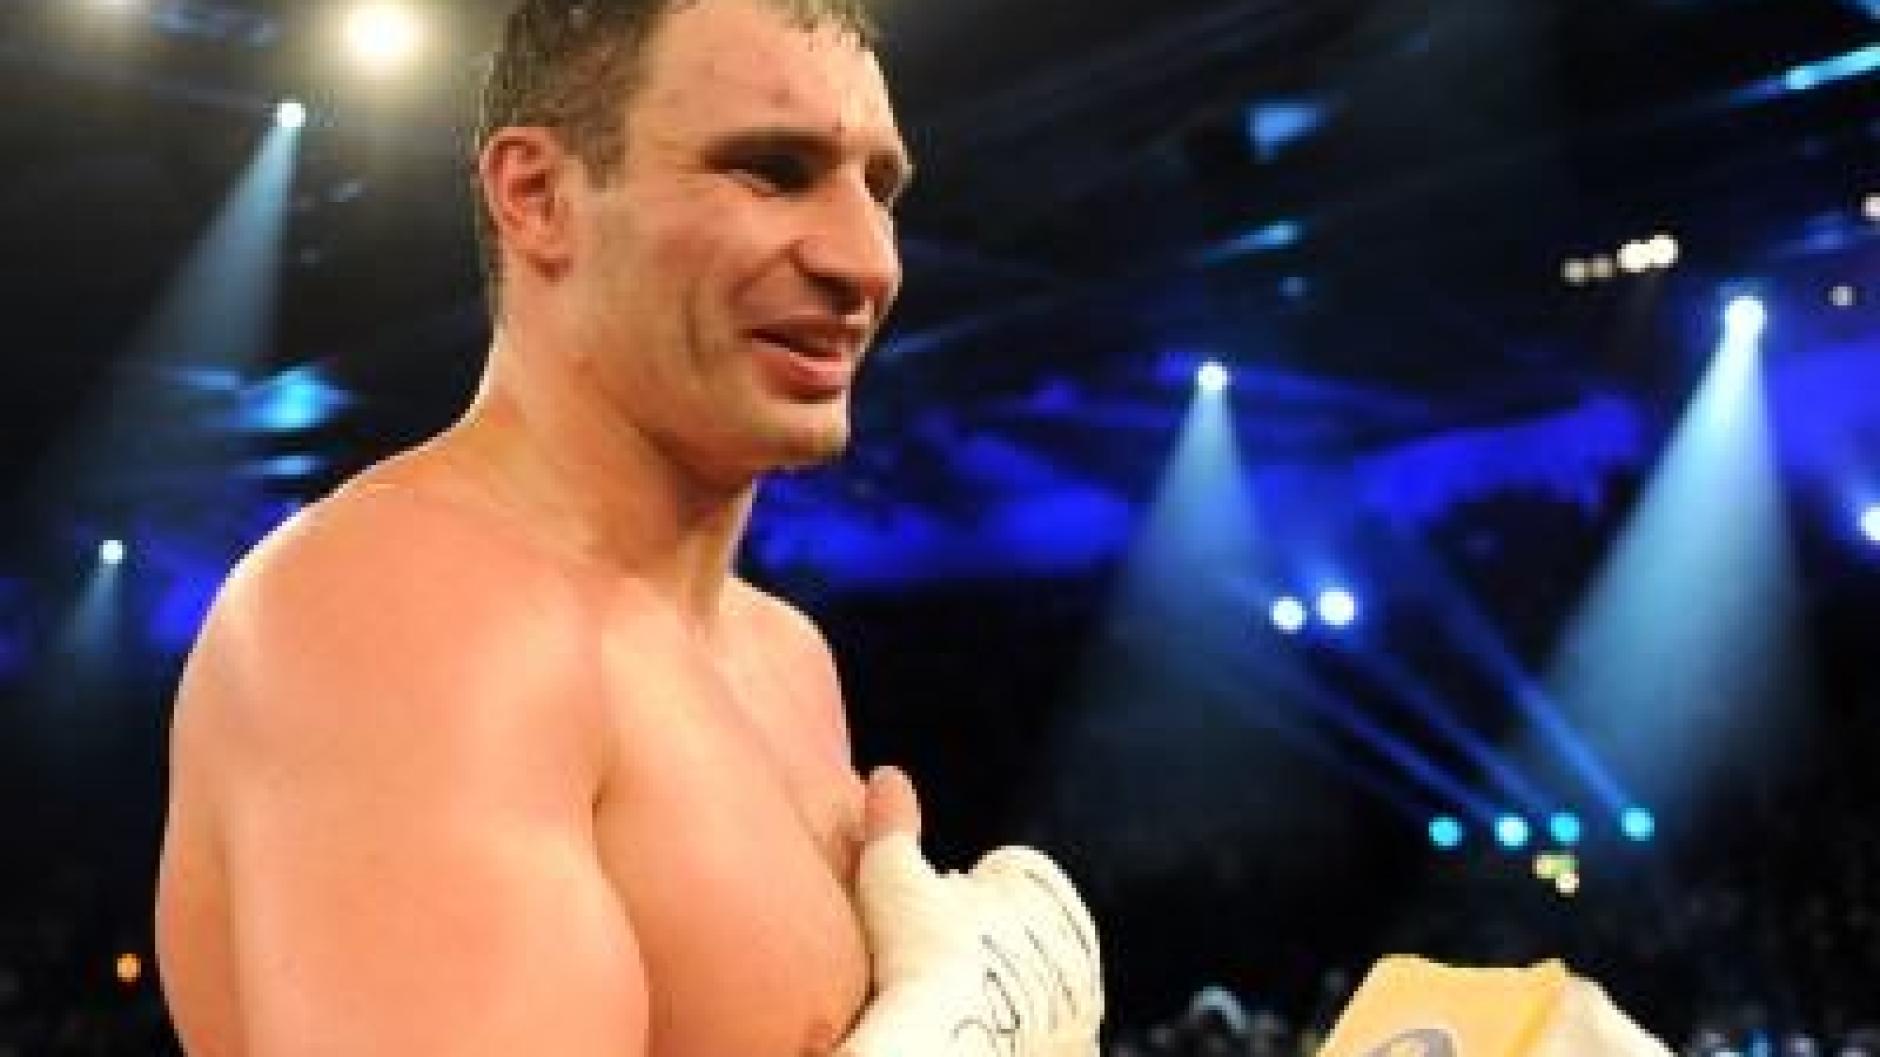 Boxen: Rudolphs Weg vom Weltmeister zum Knastbruder - WELT